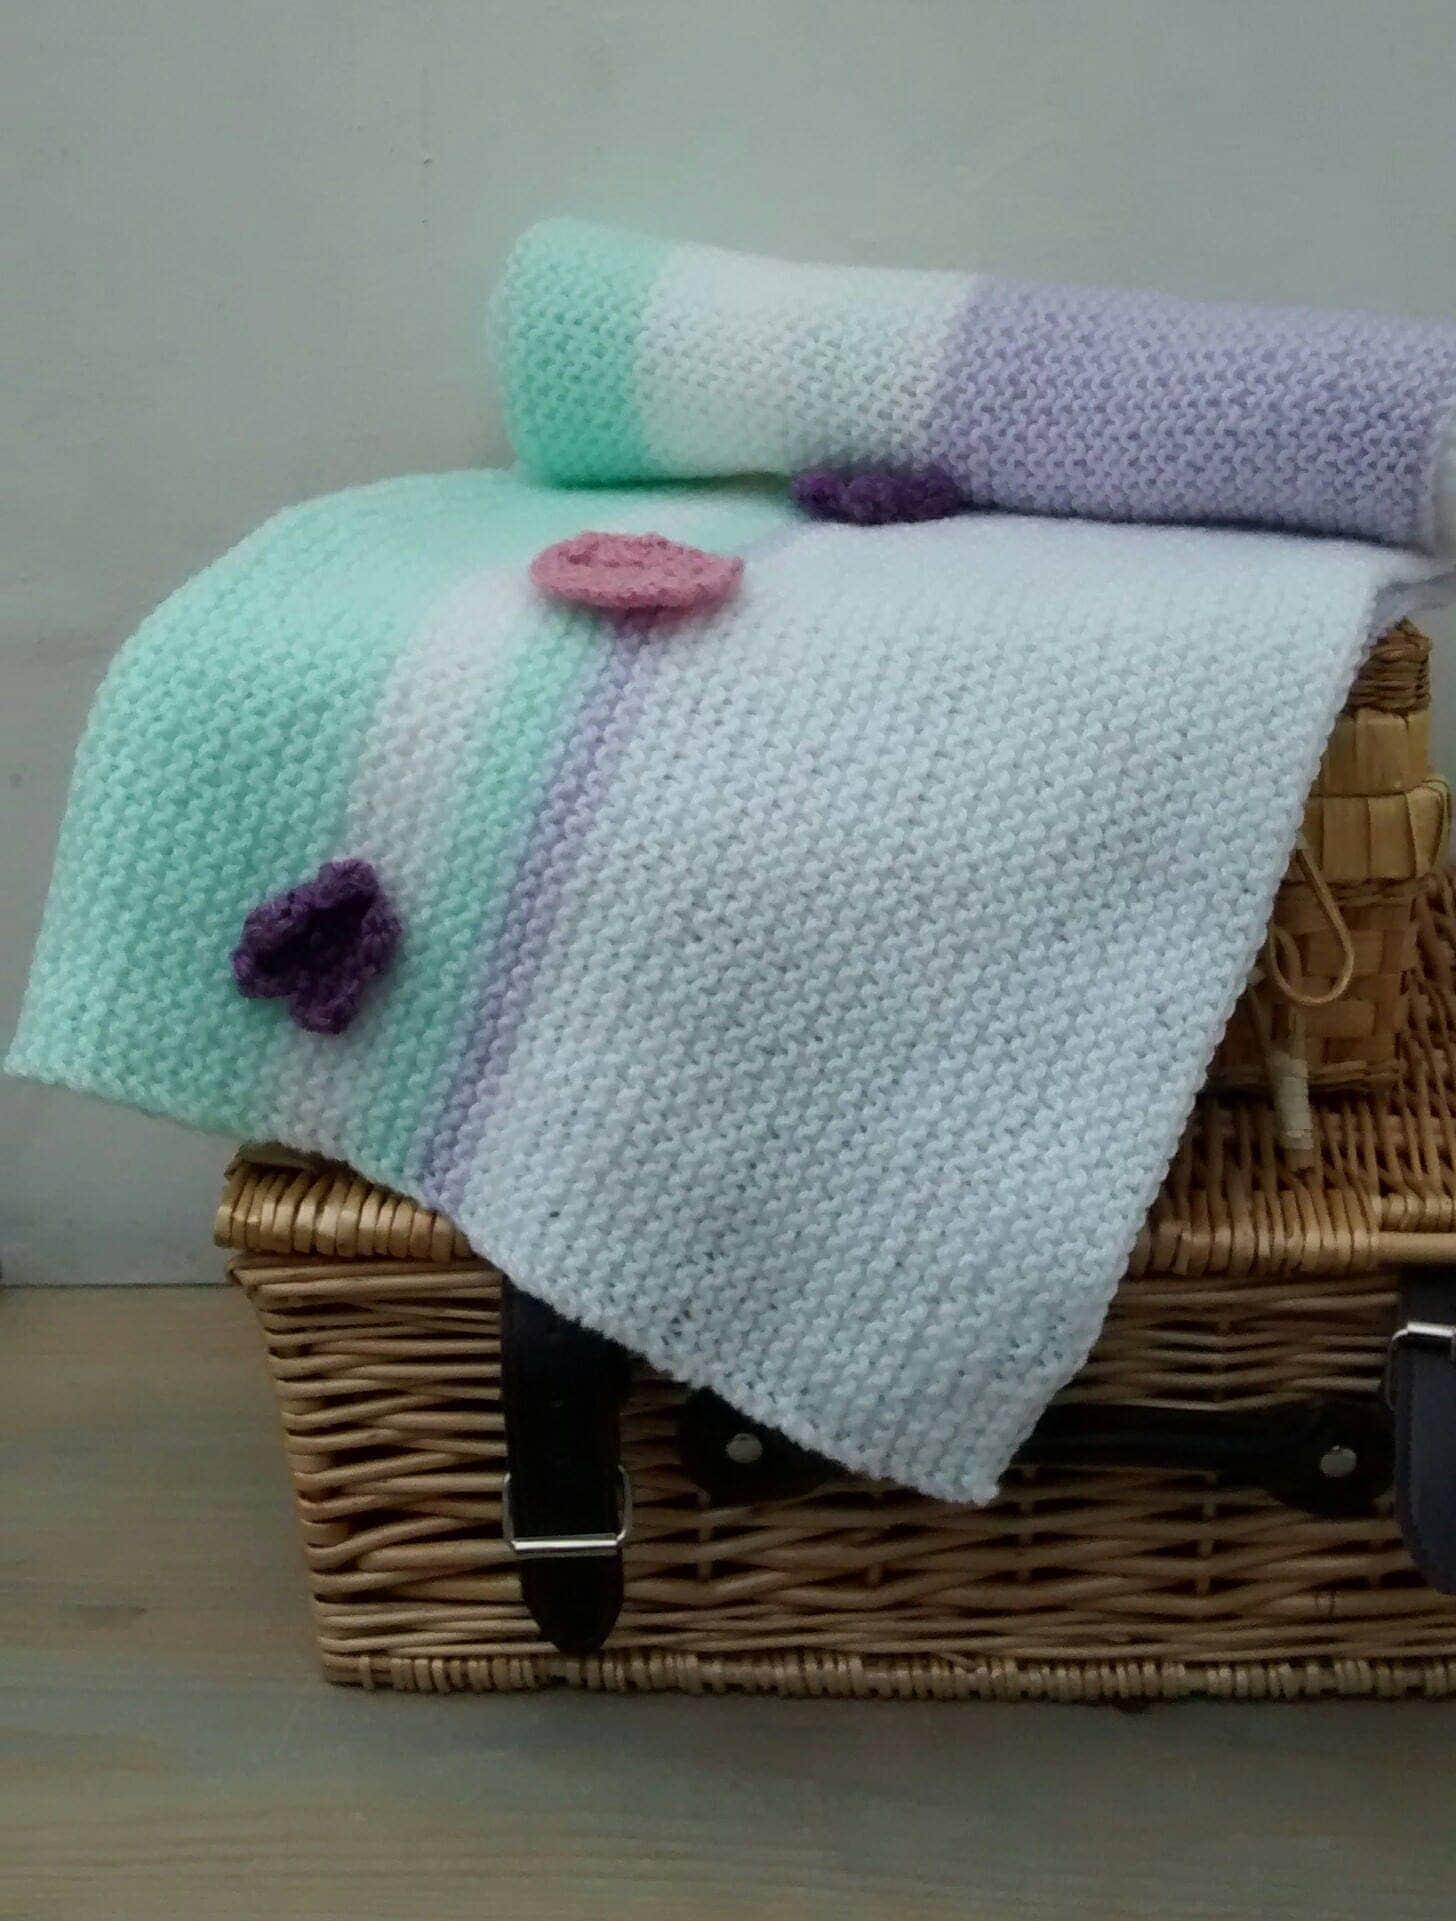 Baby Blanket  Hand Knit Blanket  Handmade Blanket   Baby Pram Cover   Pastel Striped Blanket  Baby  Baby Shower Gift